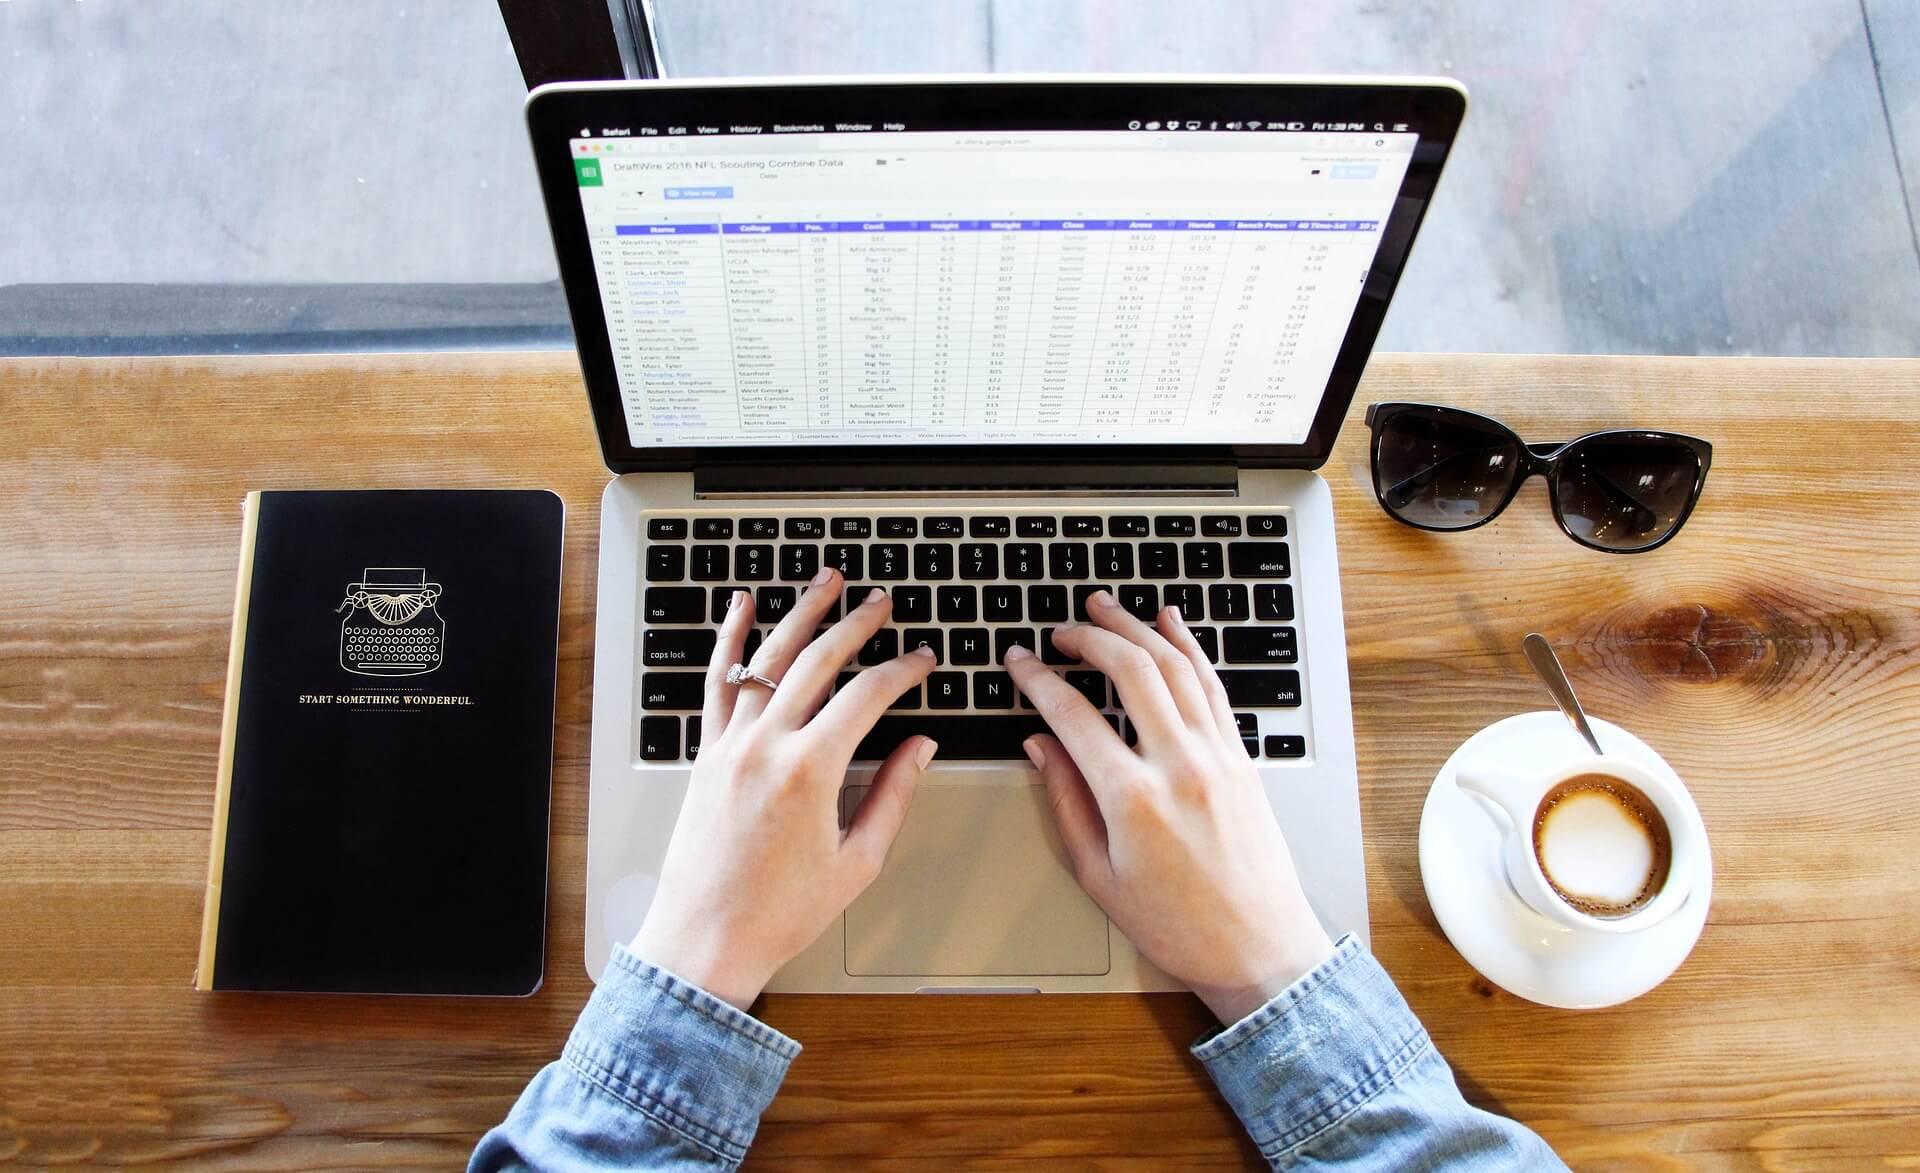 Køb billigt Microsoft Office 365 til studiet